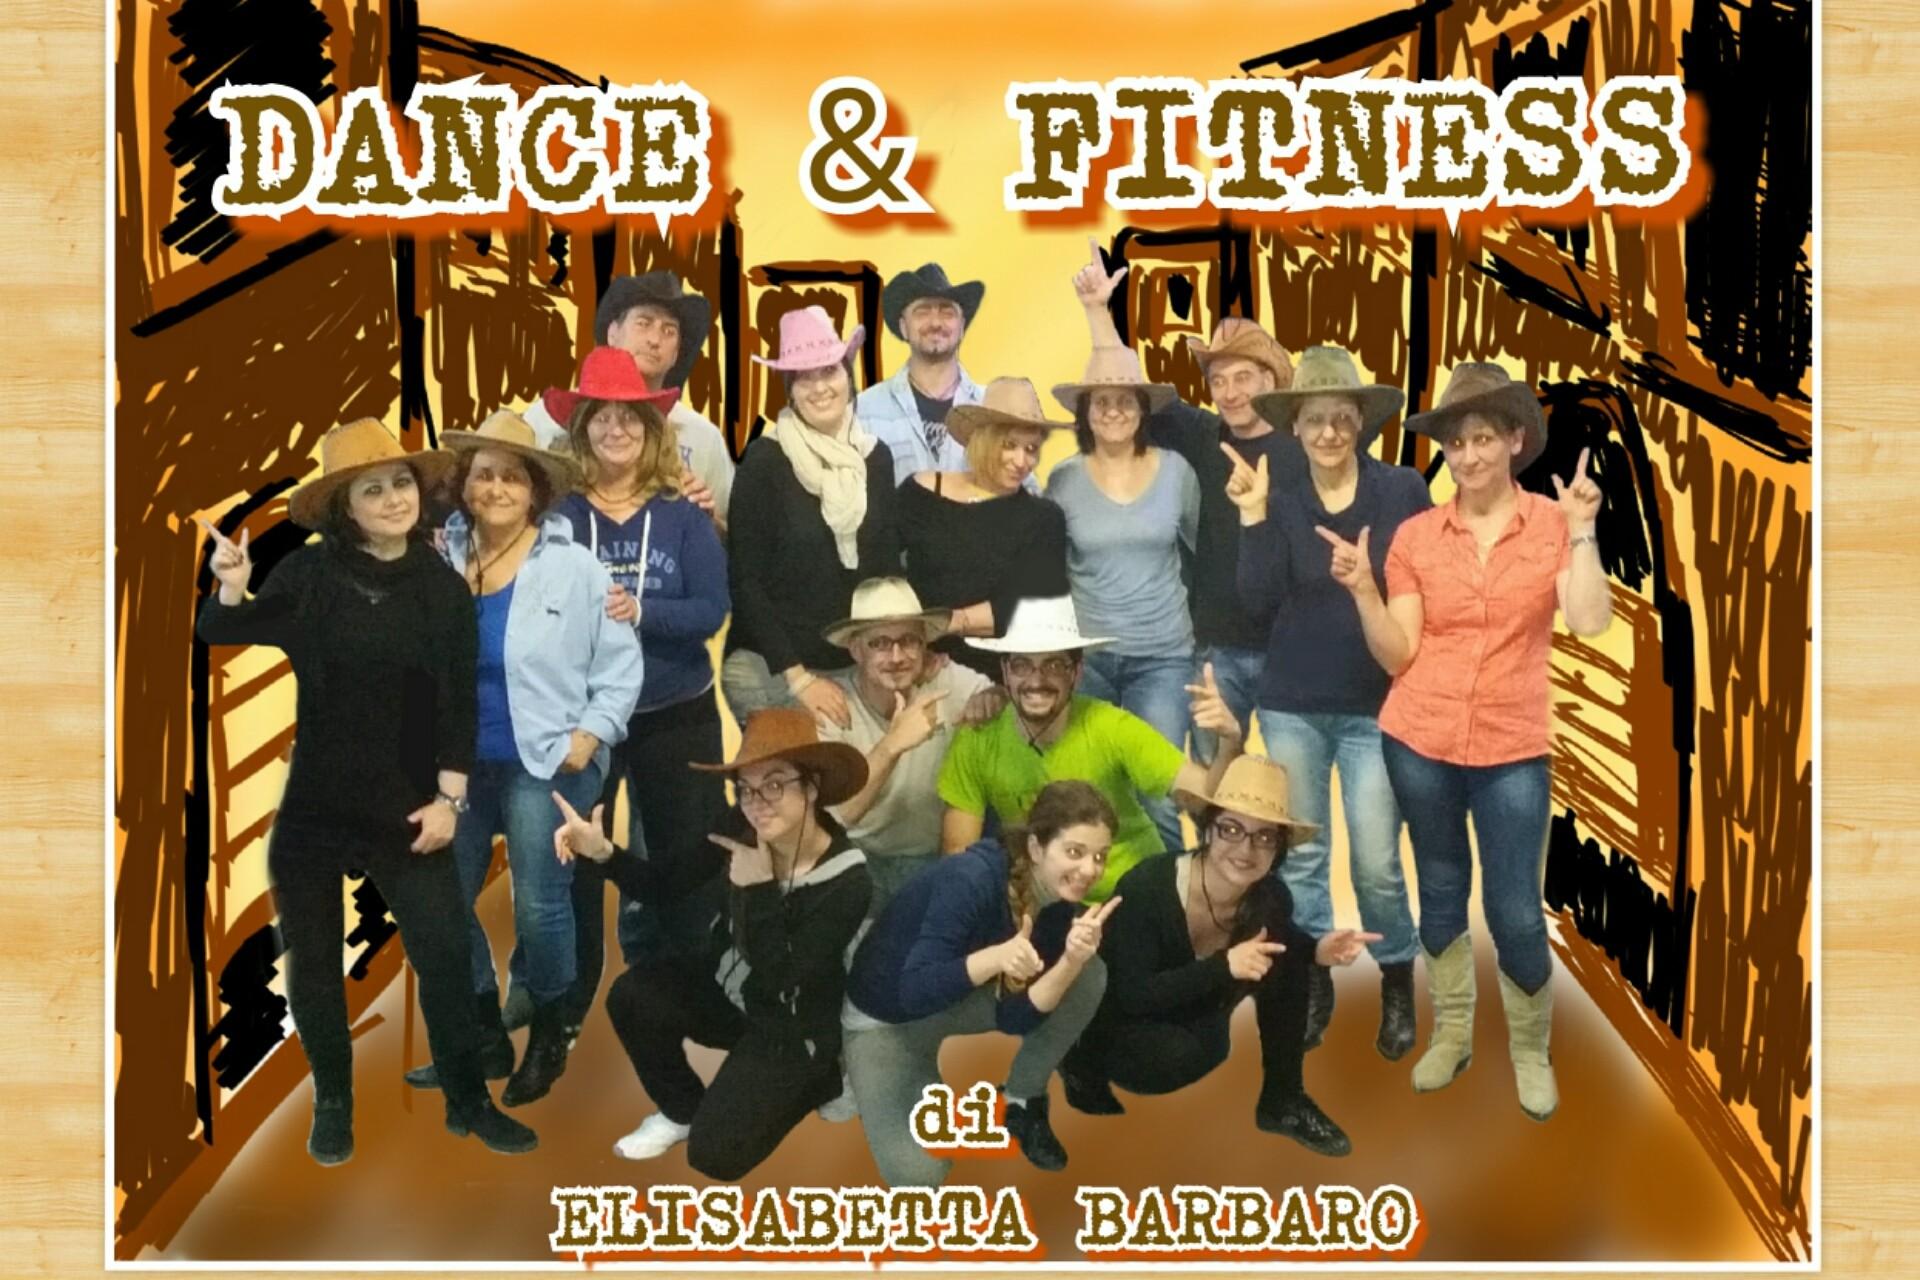 Buonasera amici di facebook! Giornata ricchissima di puro ballo qui al Dance & Fitness di Elisabetta Barbaro!!! Ecco a voi gli orari di Venerdì 14 Novembre: - ORE 17:00 BABY DANCE, - ORE 18:00 BALLI DI GRUPPO, - ORE 20:30 BALLI DI GRUPPO, Vi aspetto numerosi presso la nostra sede in Via San Biagio, Velletri - Associazione Culturale Ossigeno. NON MANCATE!!!